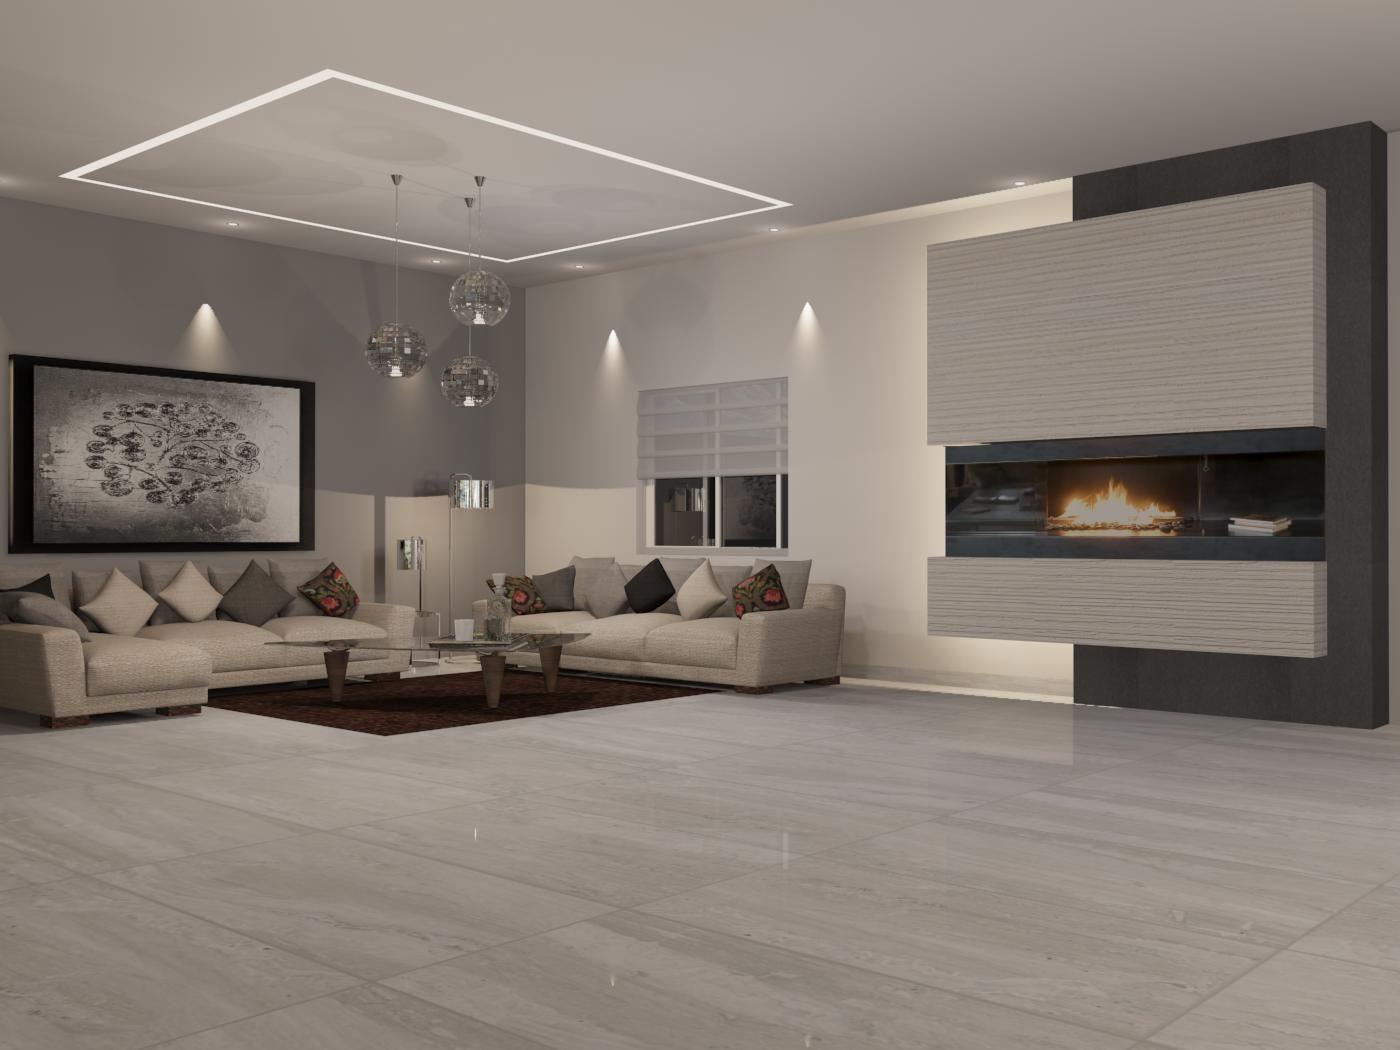 Sala de estilo contempor nteo materiales utilizados piso - Revestimiento de chimeneas ...